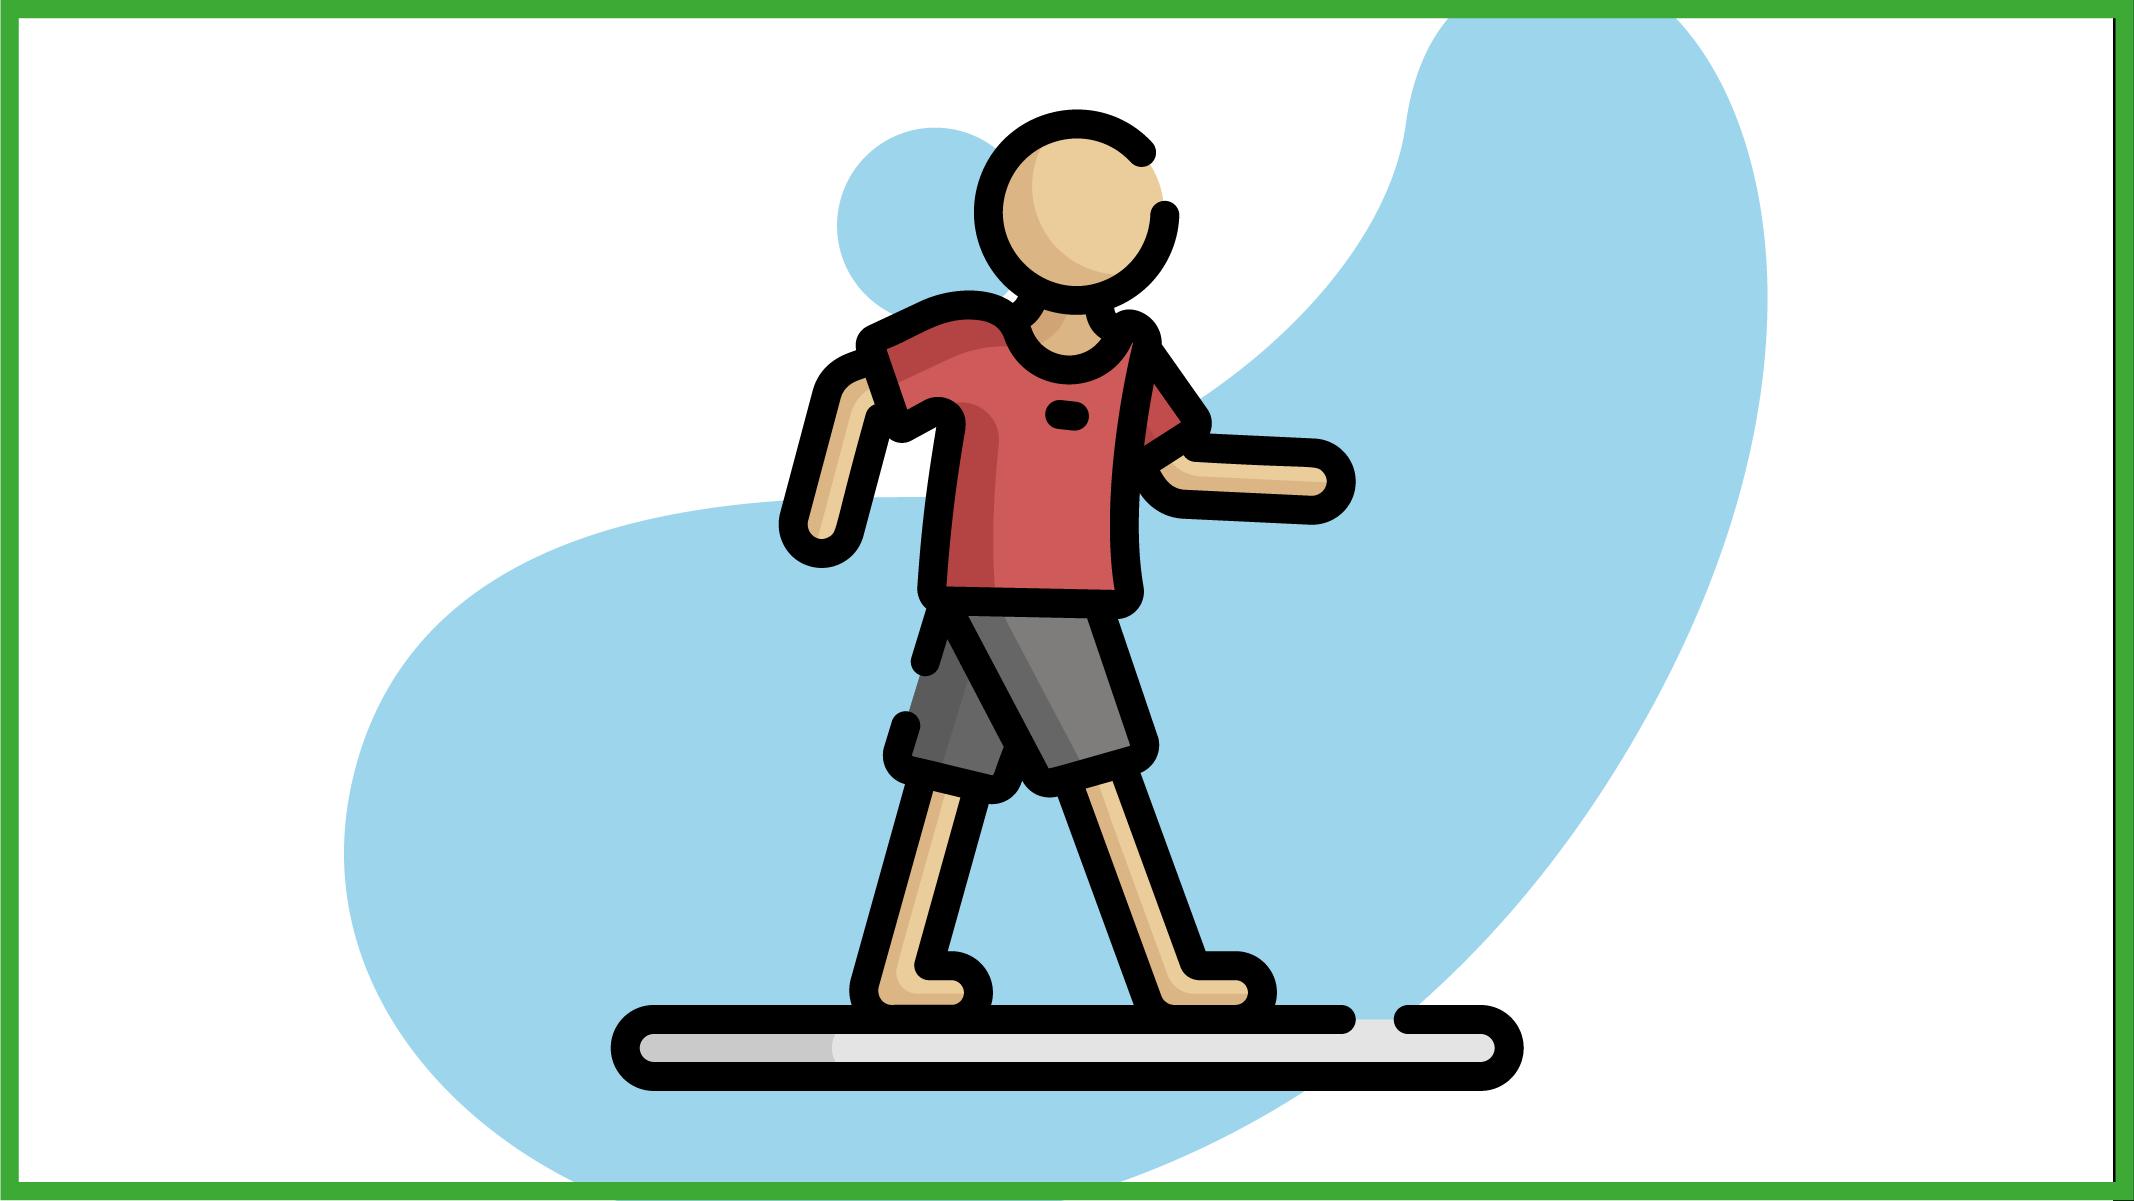 Immagine di una persona che cammina